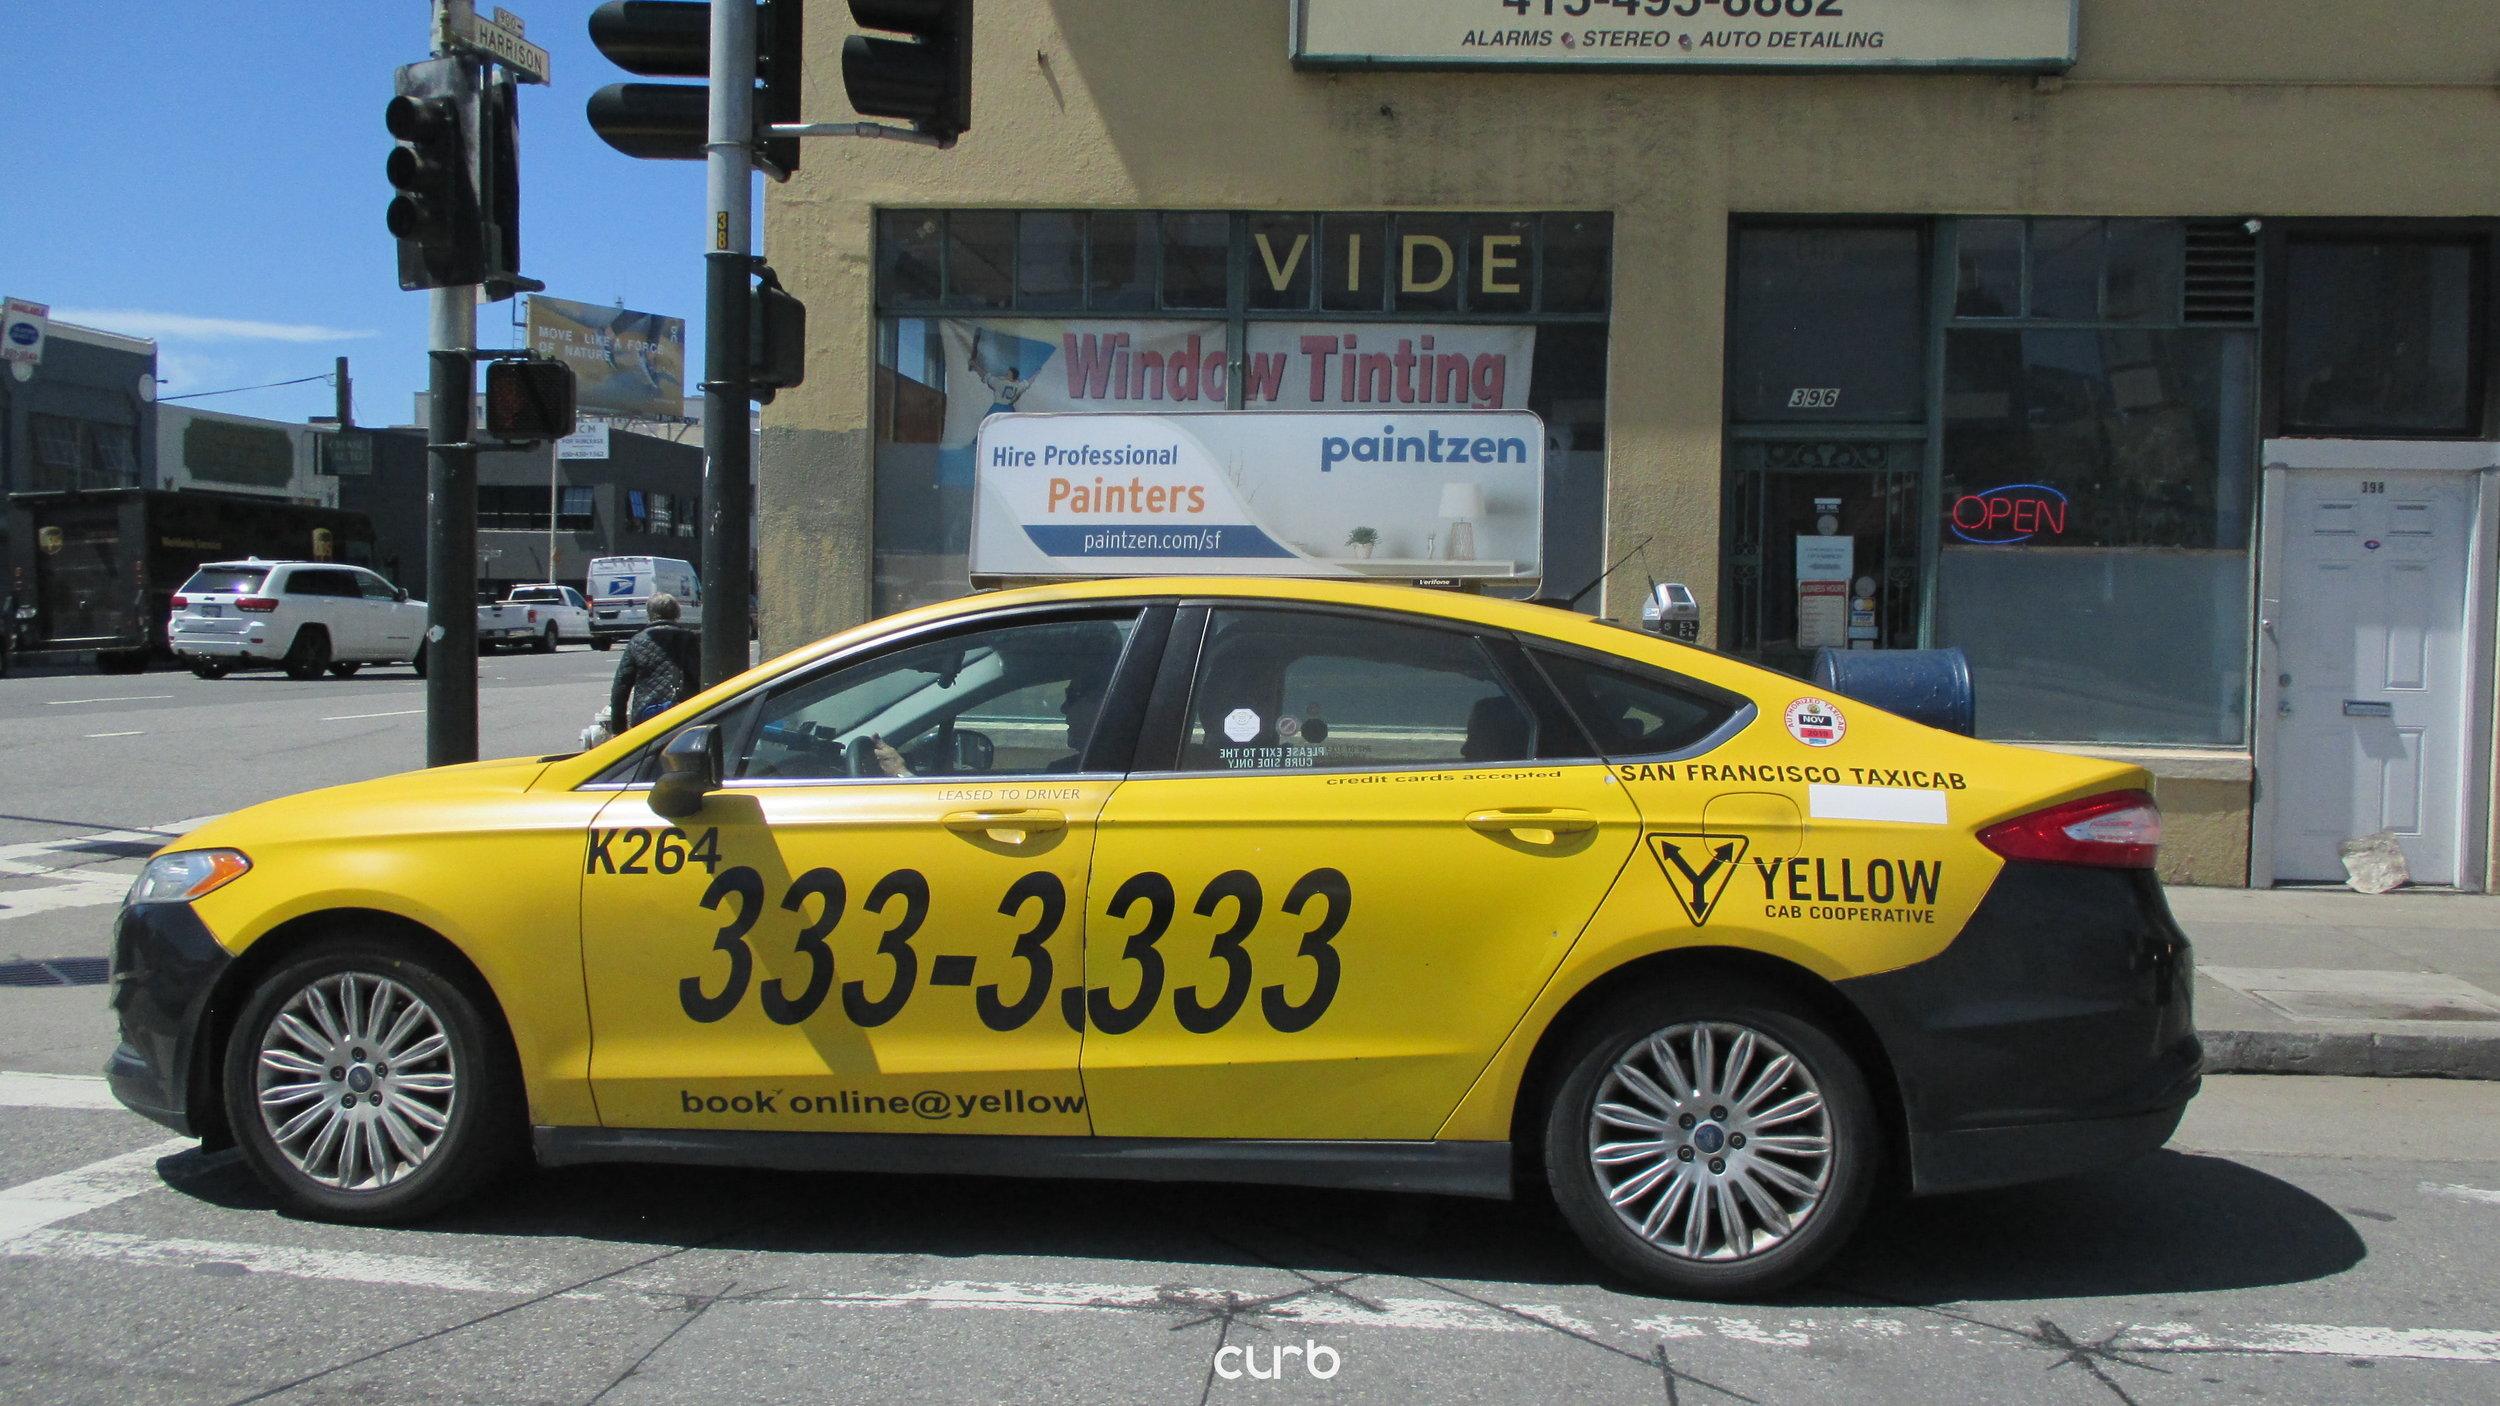 Taxi Top Advertising in San Francisco, California